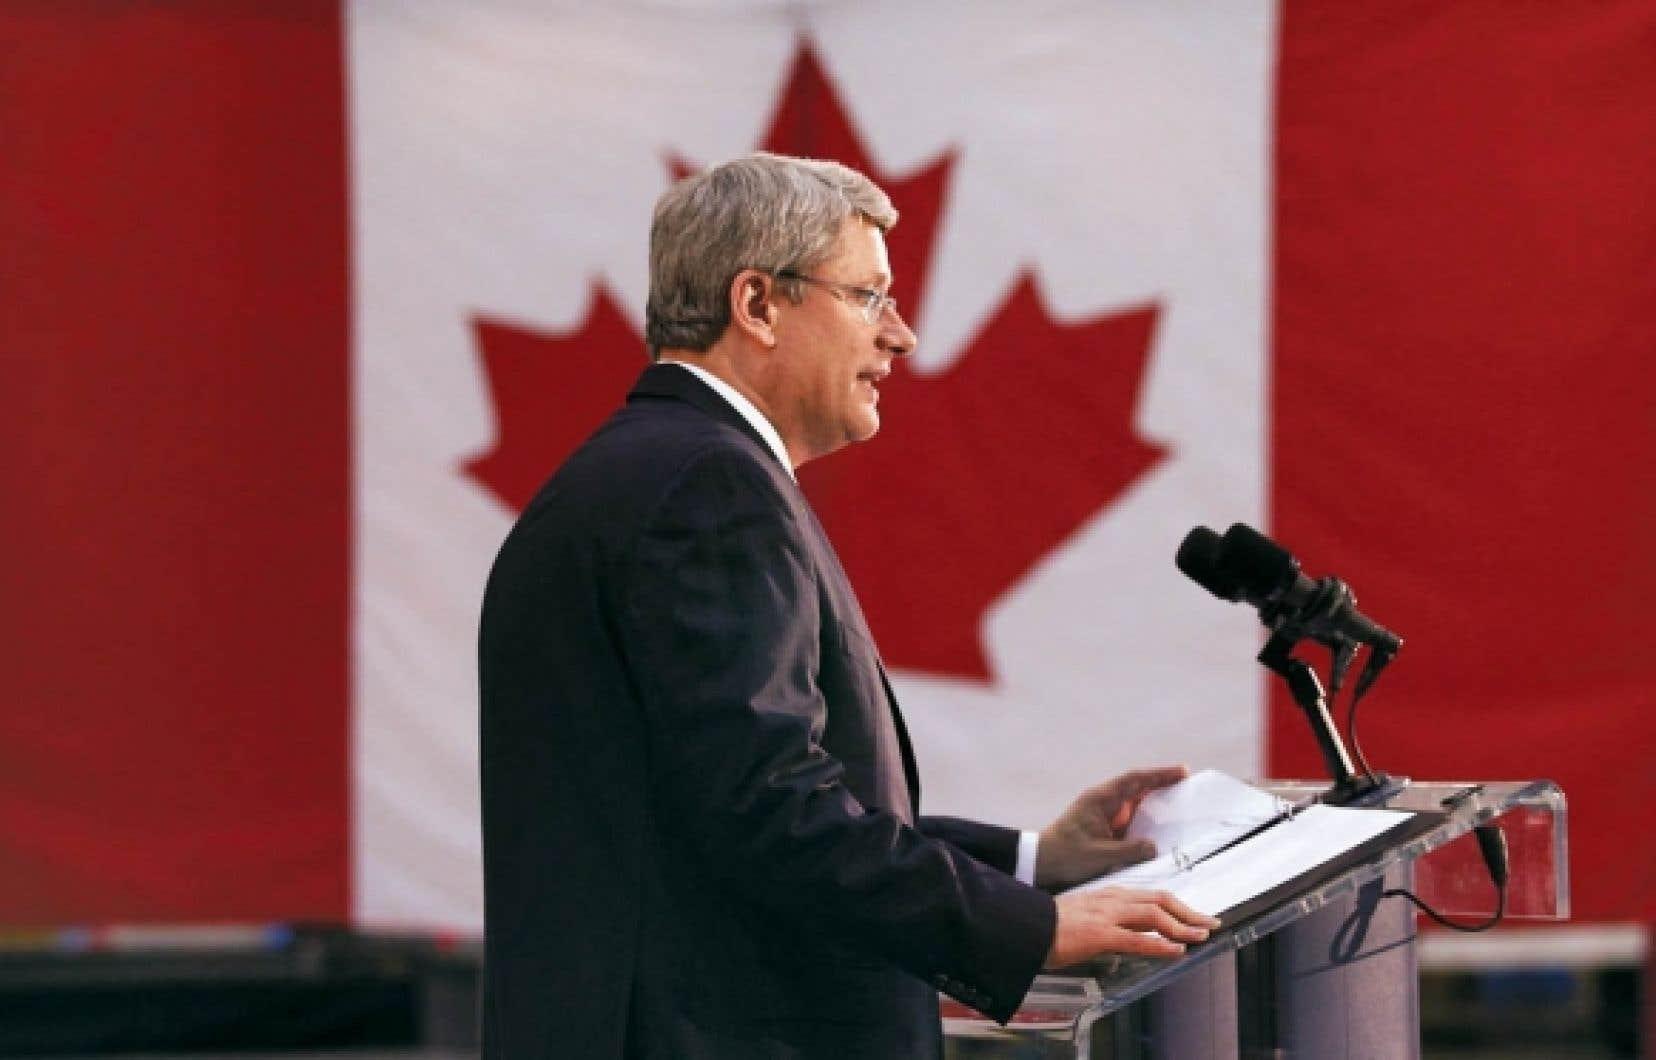 Le fossé s'élargit sans cesse entre les visions progressiste et conservatrice de la société, particulièrement au Québec, où l'on ne reconnaît pas la façon dont Stephen Harper transforme le Canada.